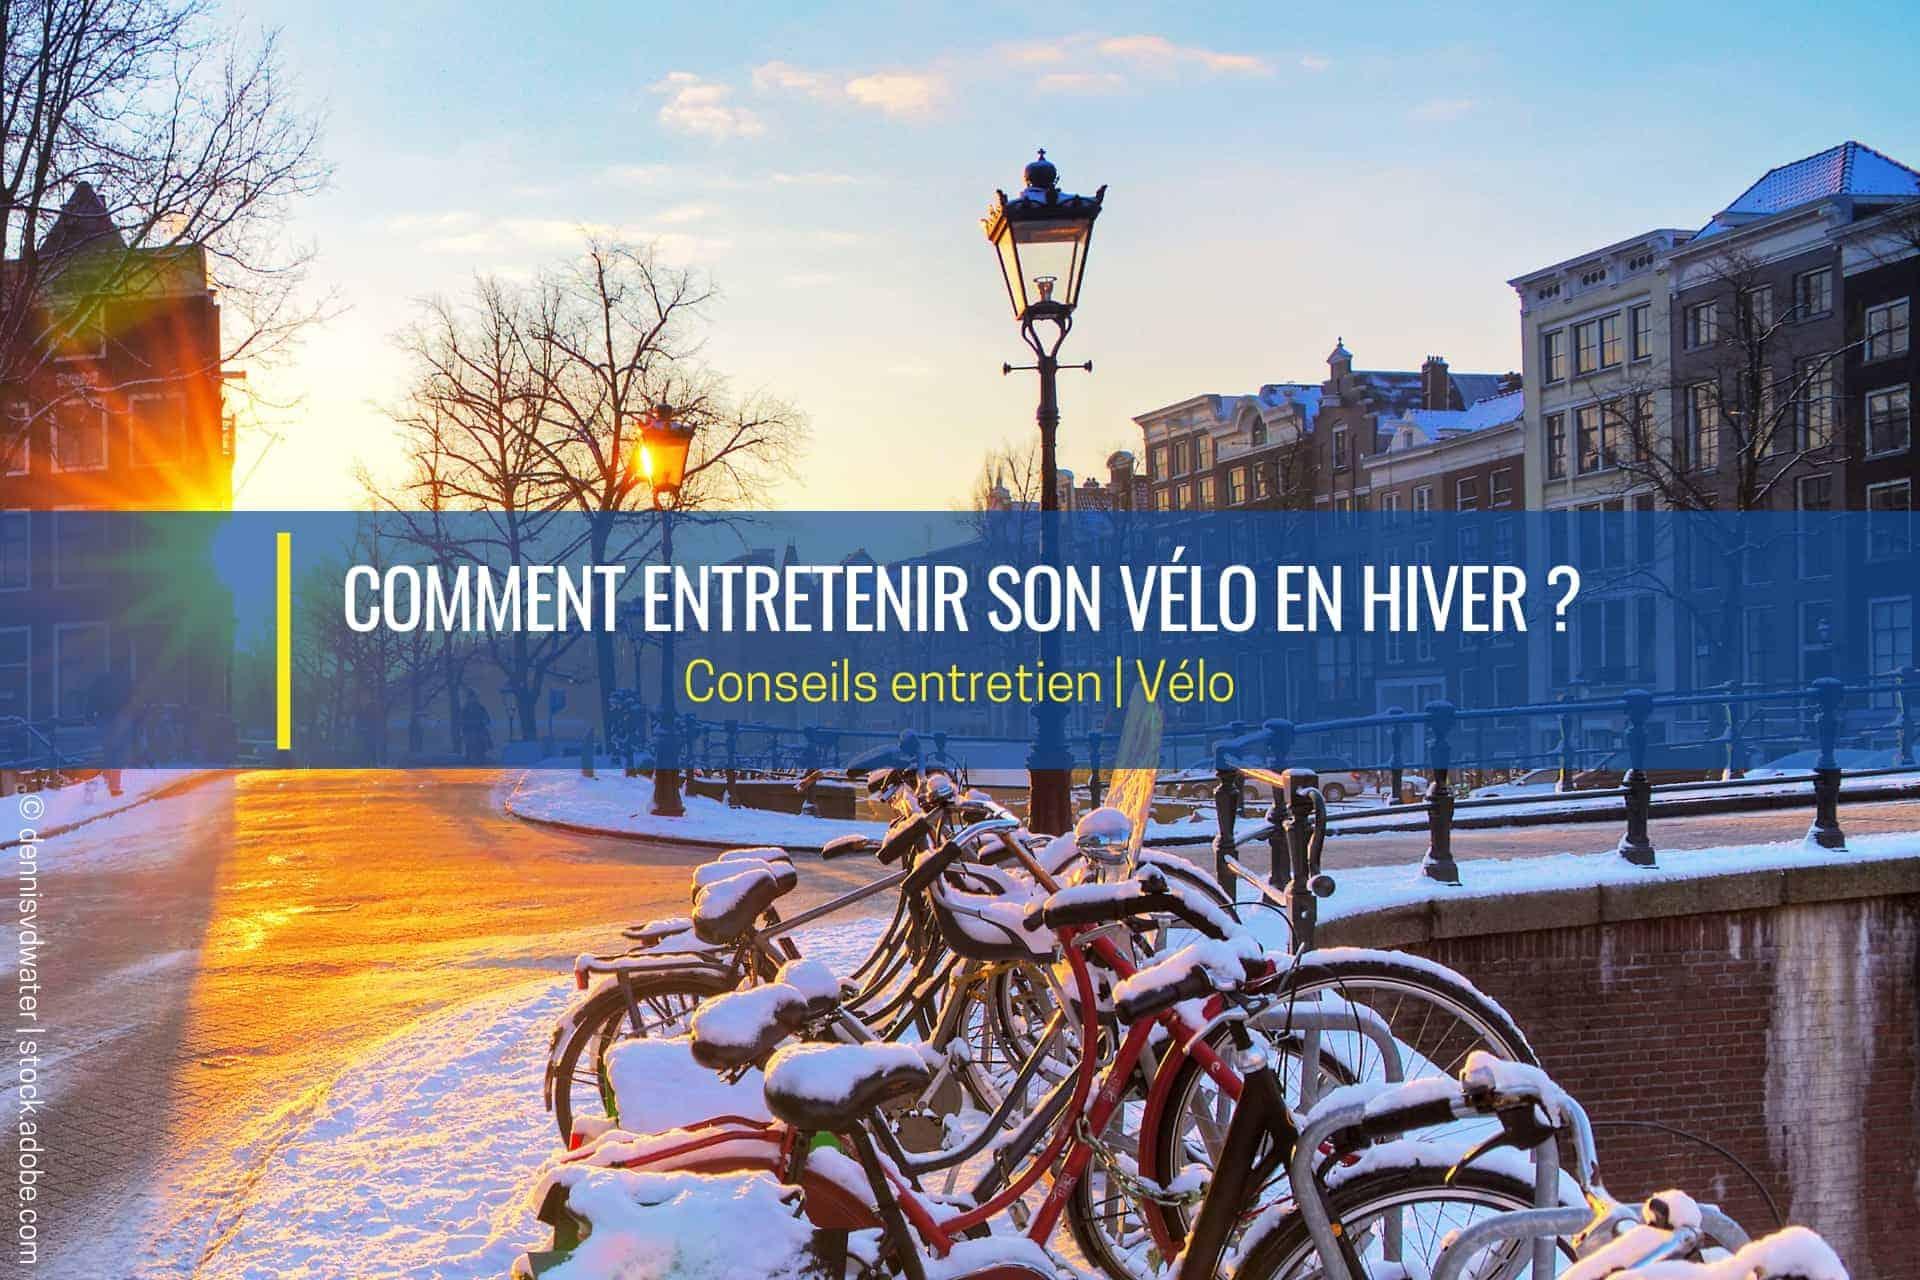 comment entretenir son vélo en hiver